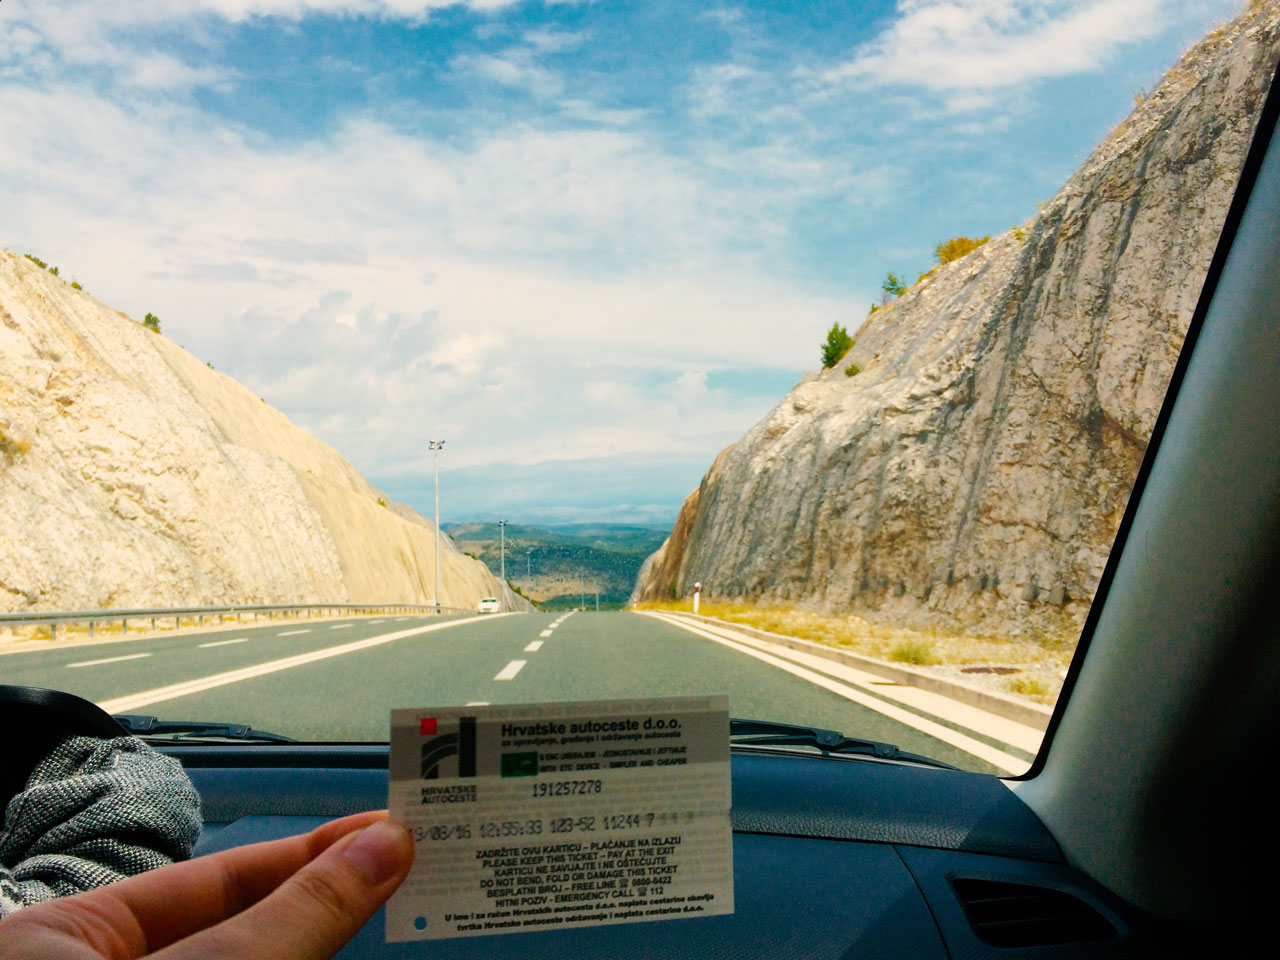 Unser erstes Maut-Ticket! Erhalten in Kroatien.